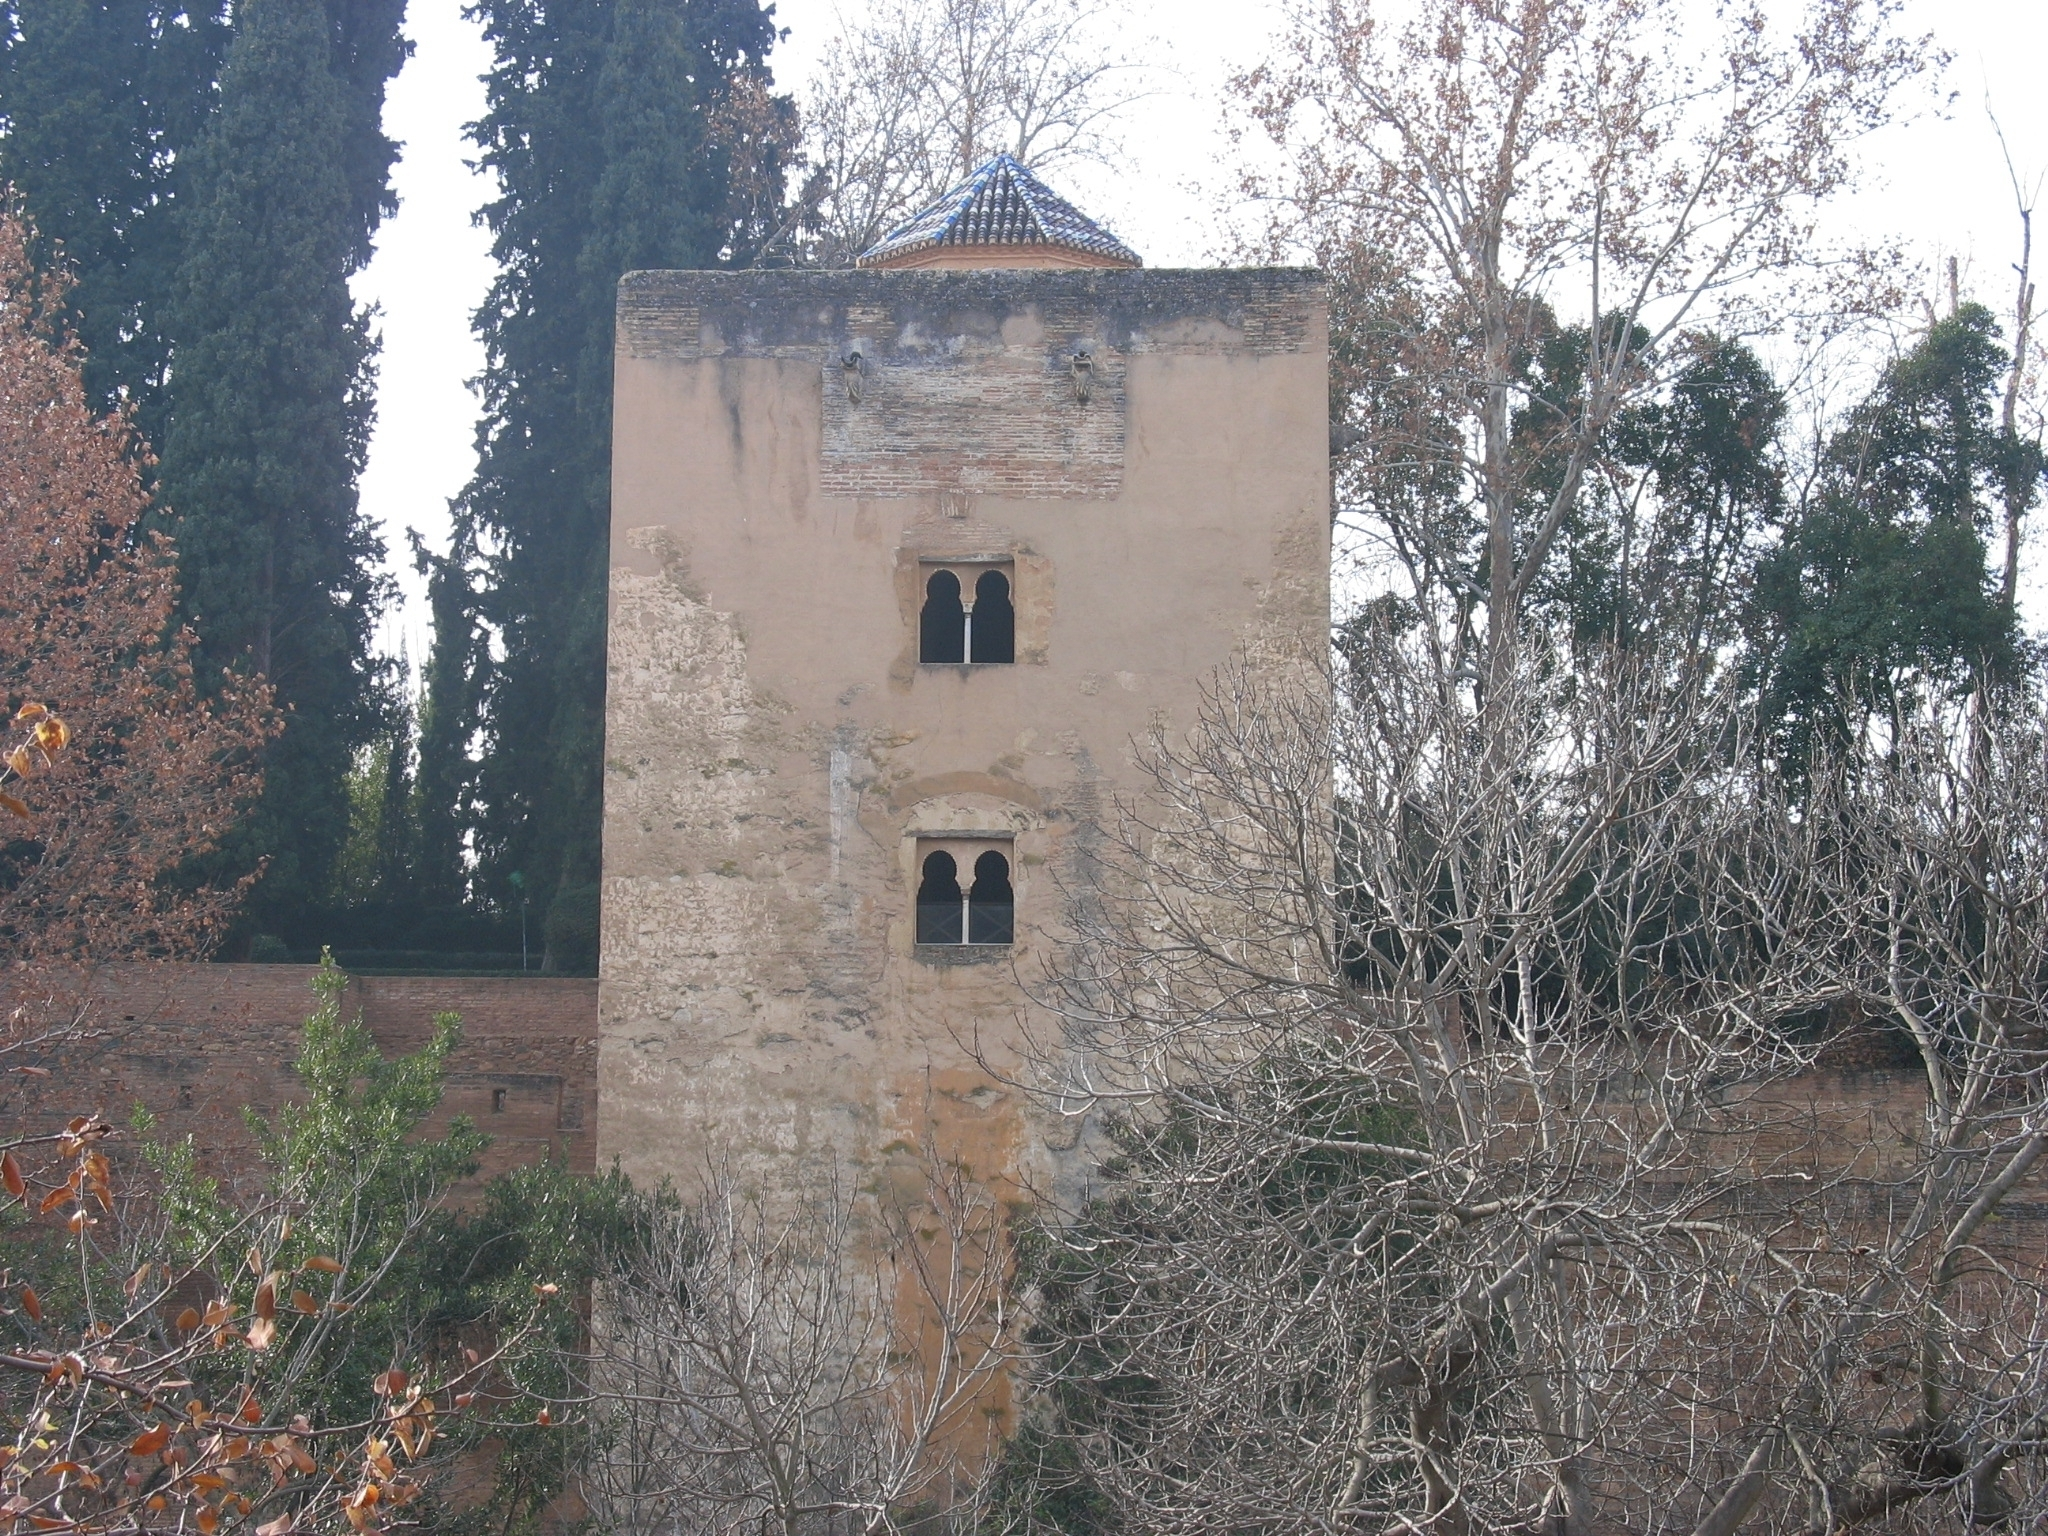 El Patronato de la Alhambra y Generalife abre al público la Torre de las Infantas durante el mes de Septiembre